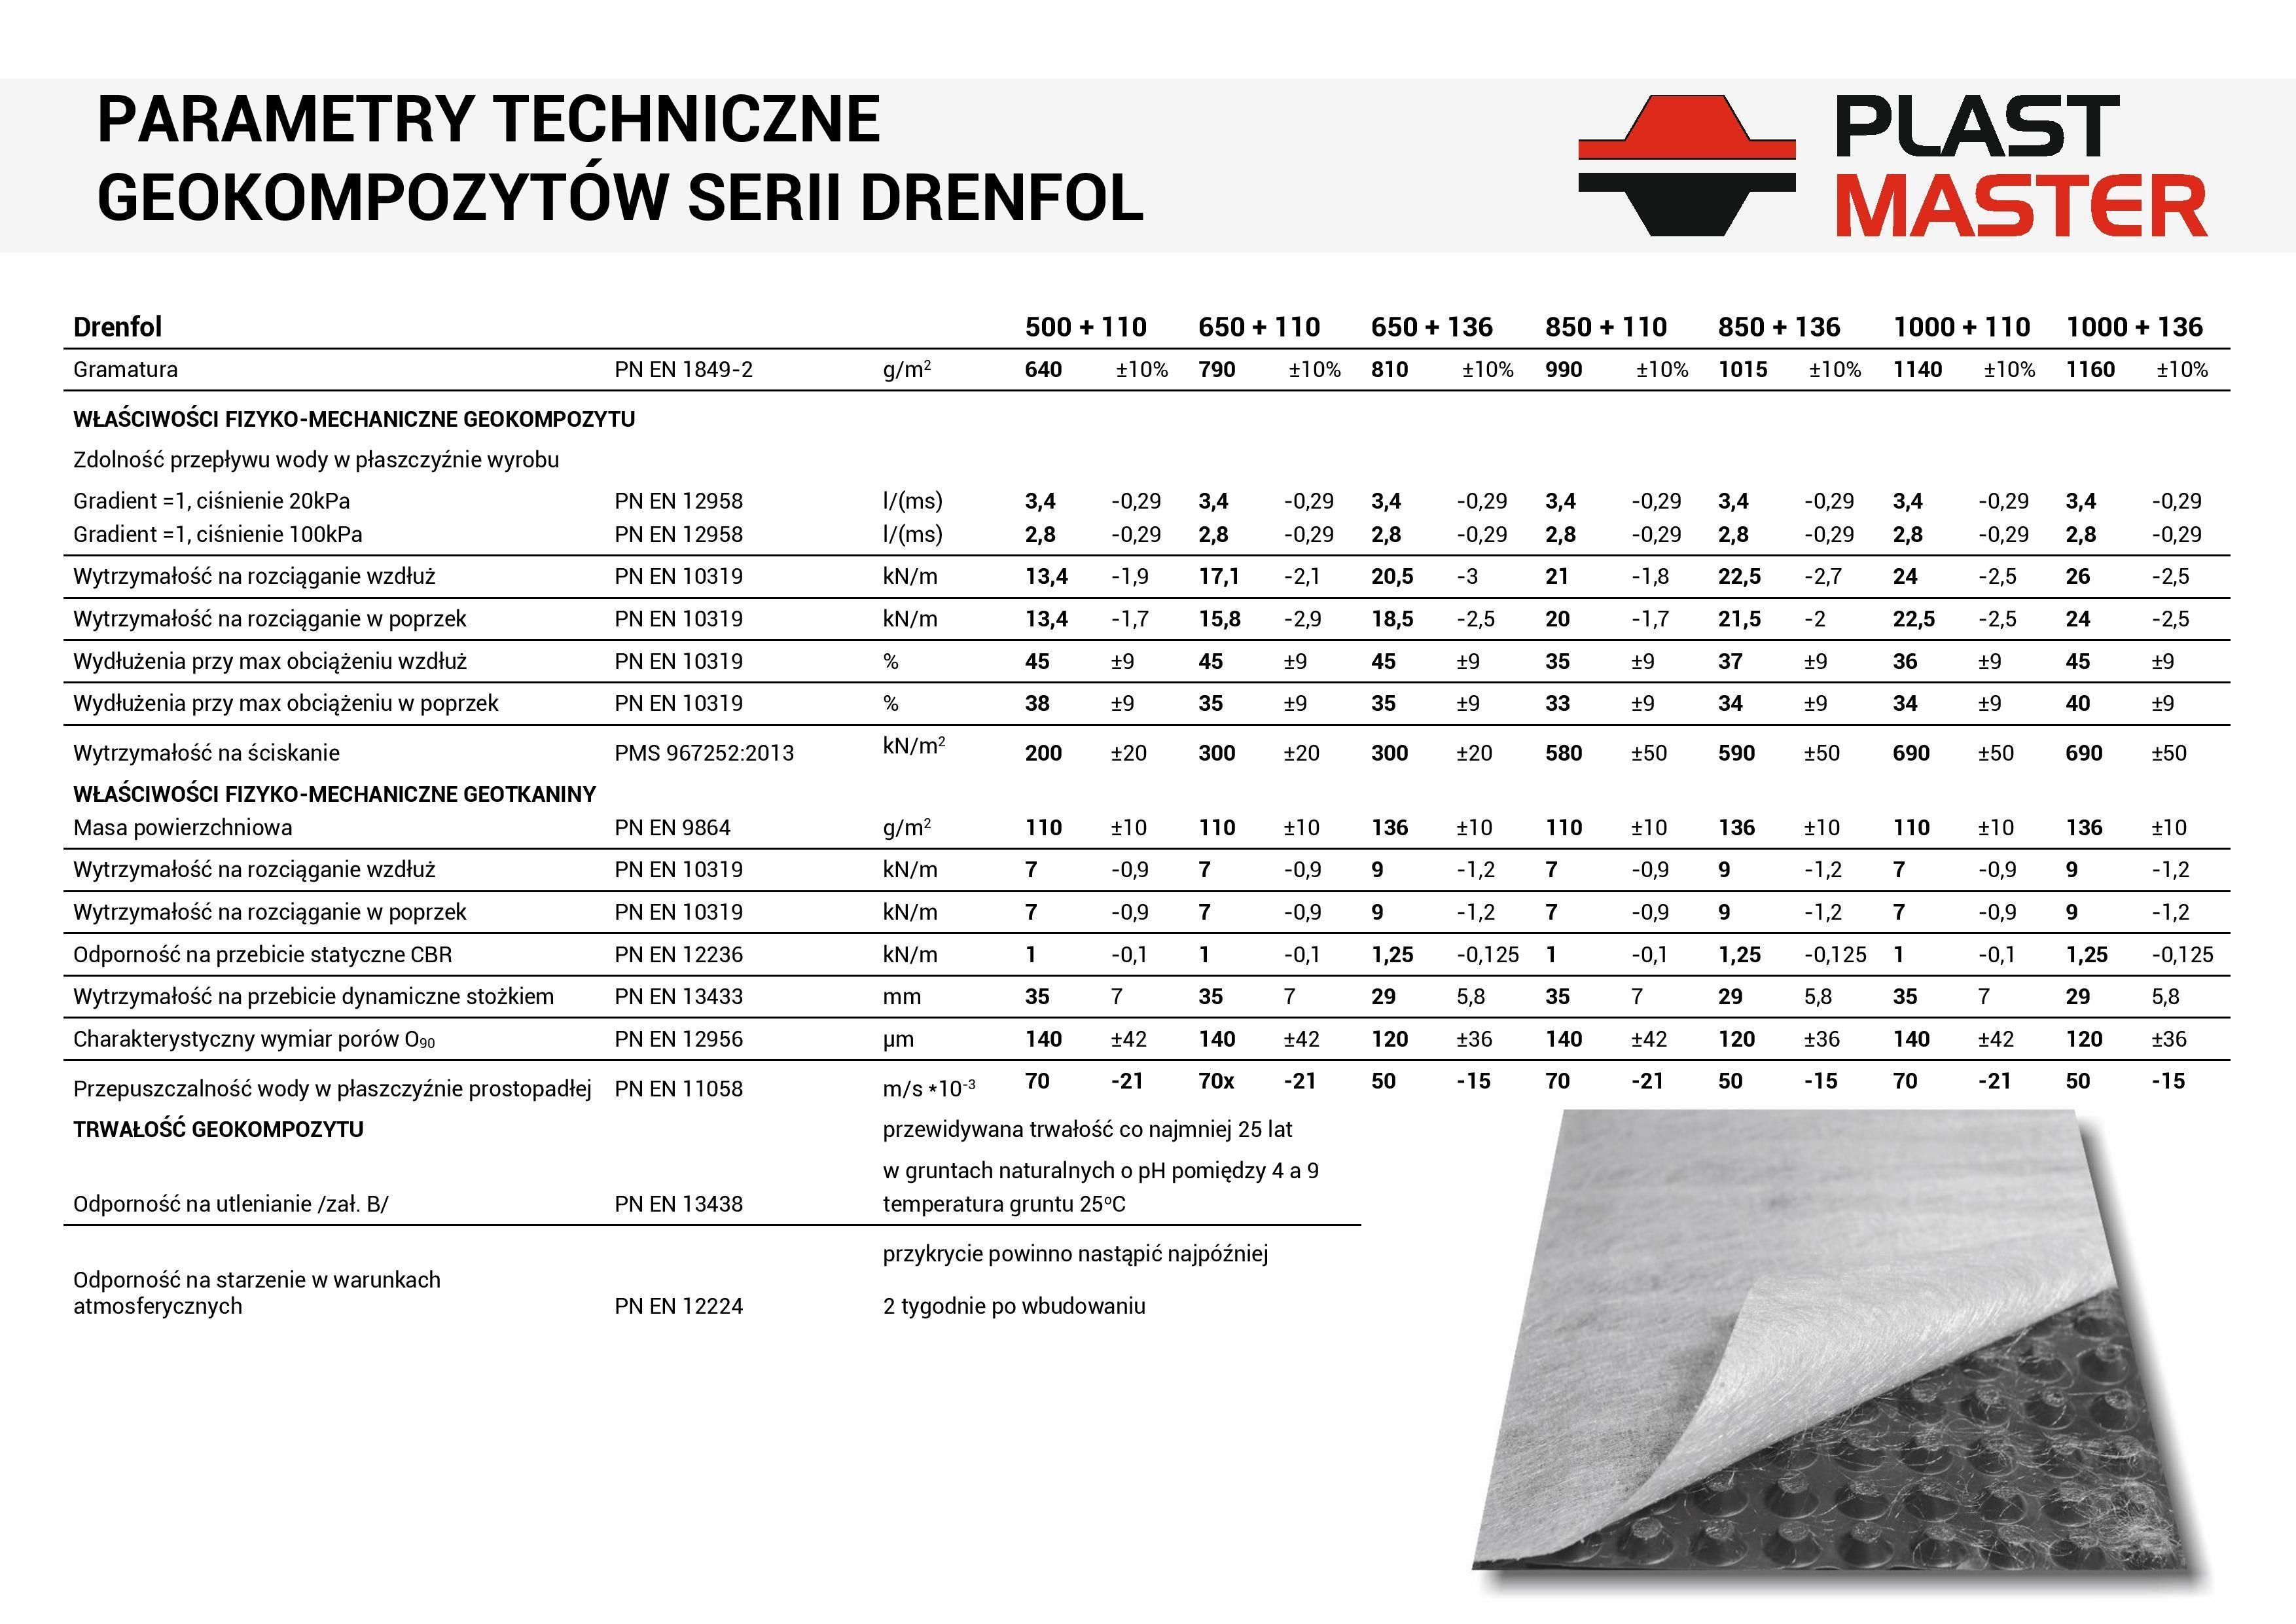 Drenfol - Specyfikacja Techniczna